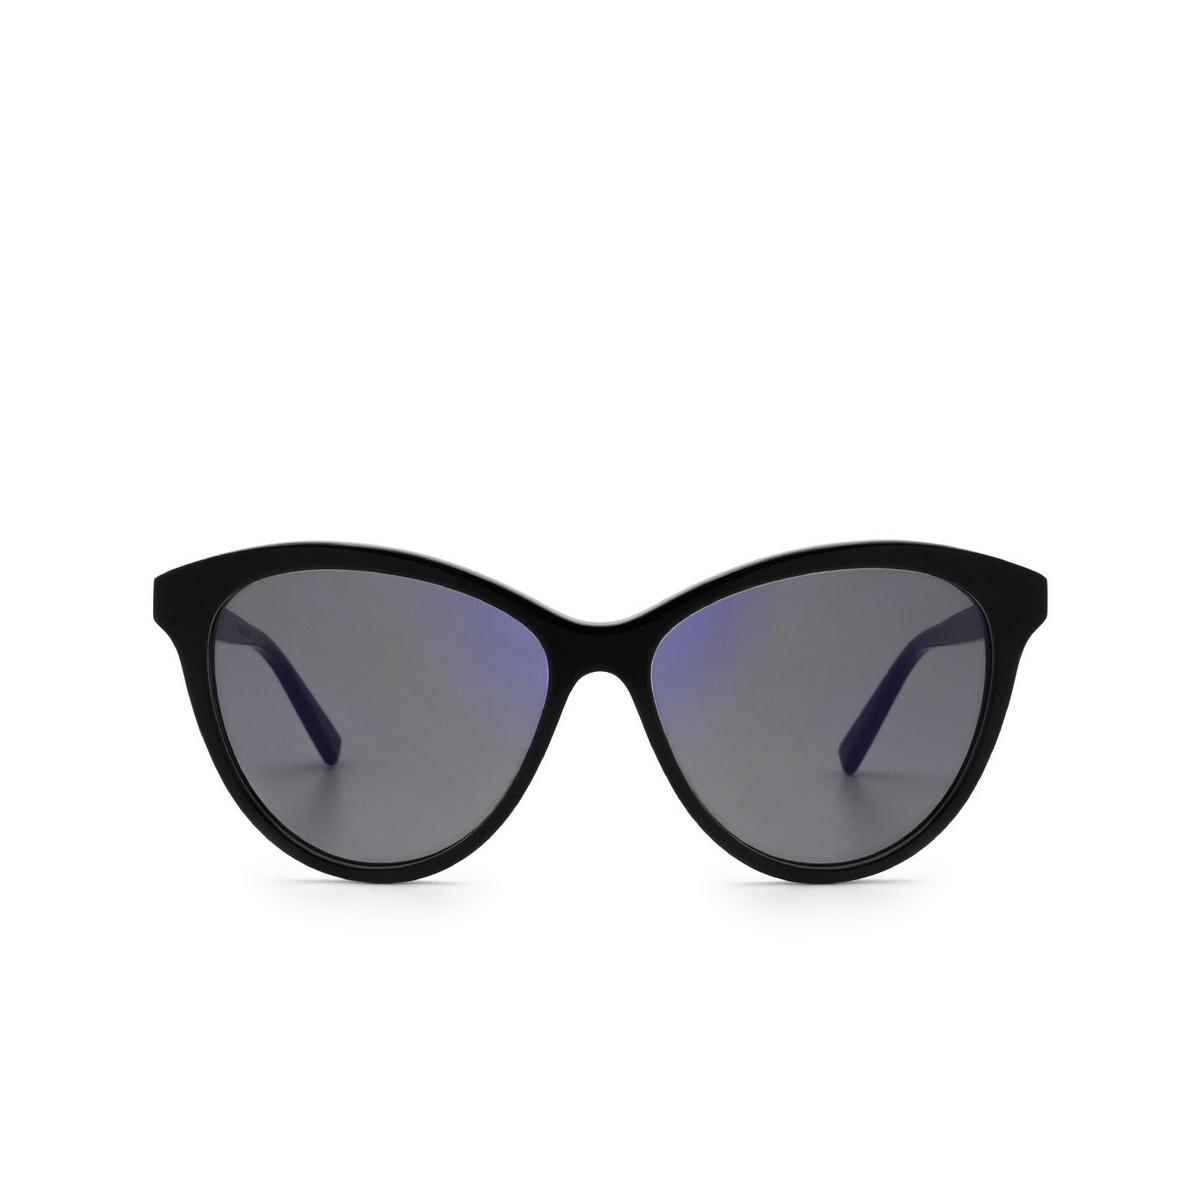 Saint Laurent® Cat-eye Sunglasses: SL 456 color Black 005 - front view.